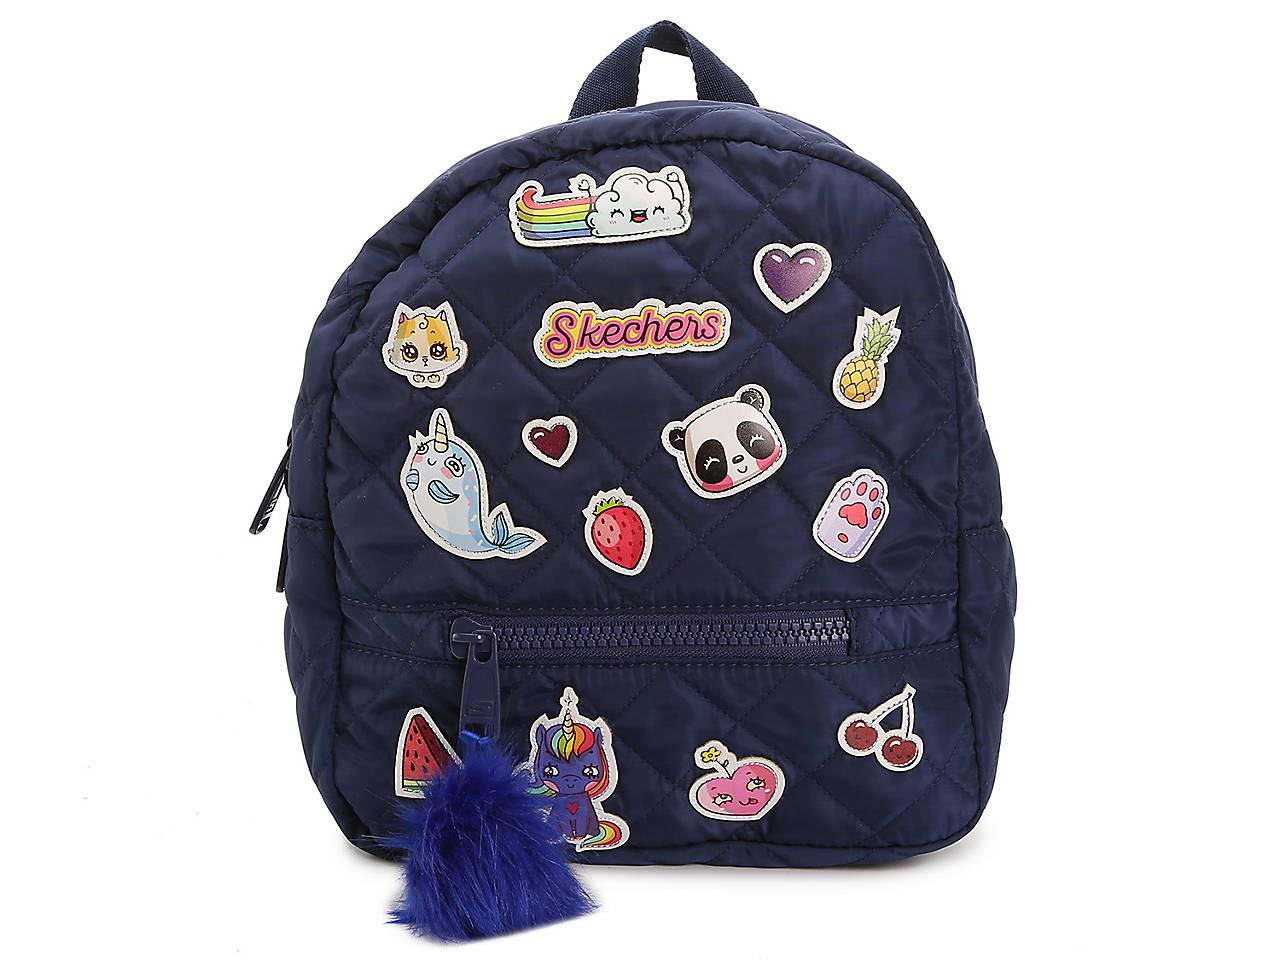 Charmed Backpack